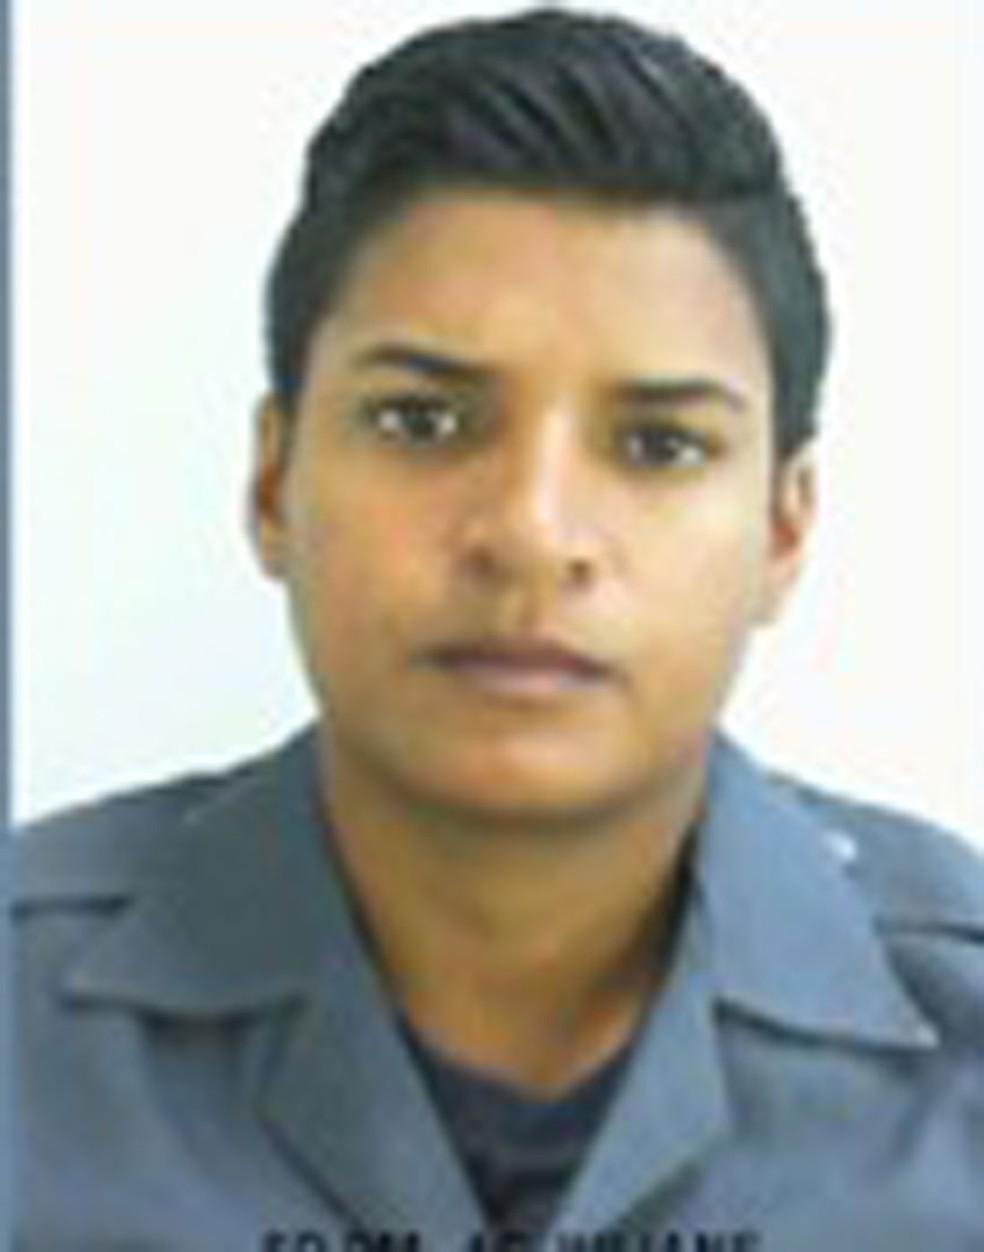 Policial Militar Juliane dos Santos, desaparecida em Paraisópolis (Foto: Reprodução/PM)